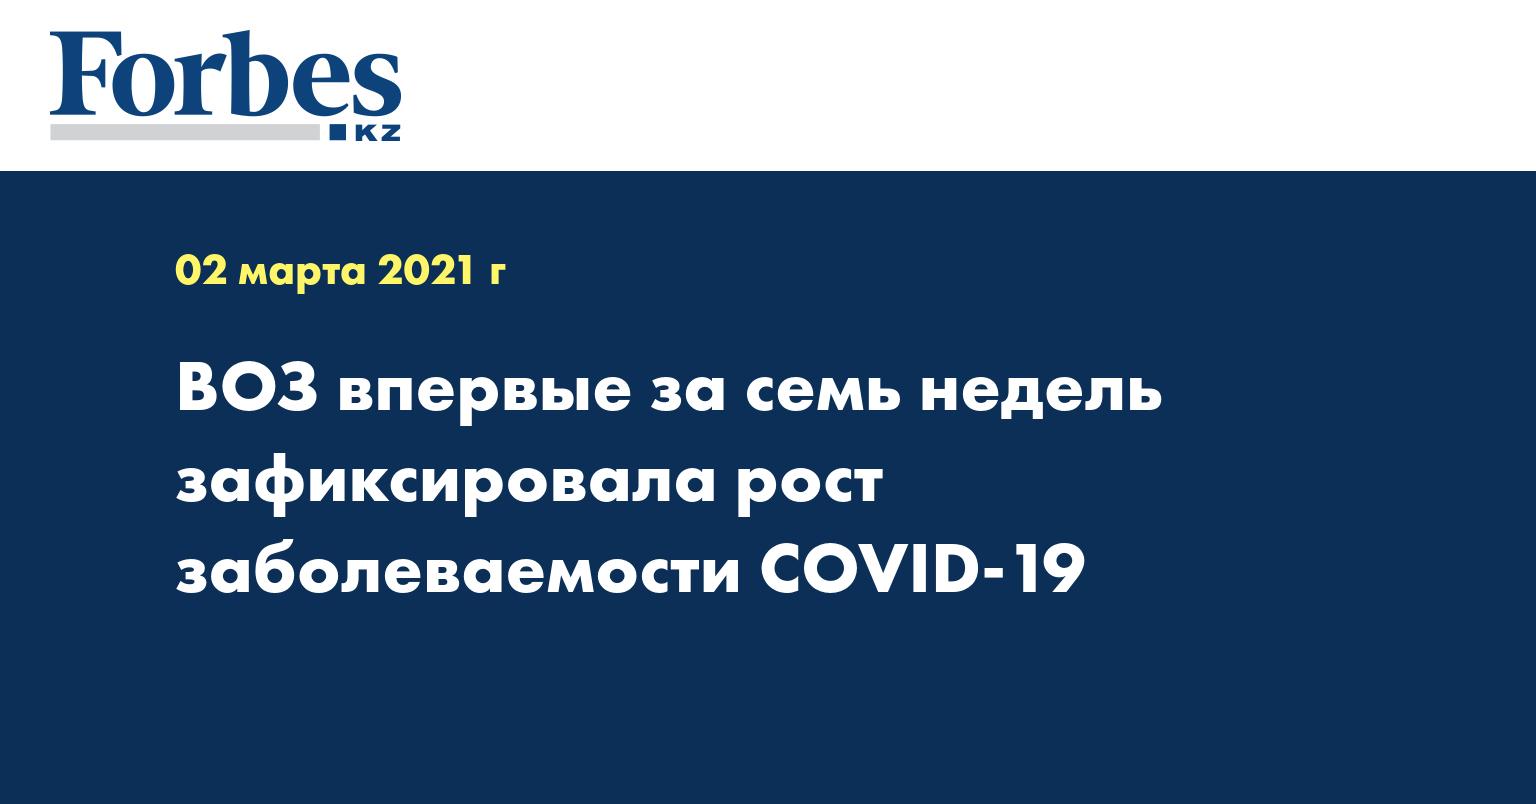 ВОЗ впервые за семь недель зафиксировала рост заболеваемости COVID-19